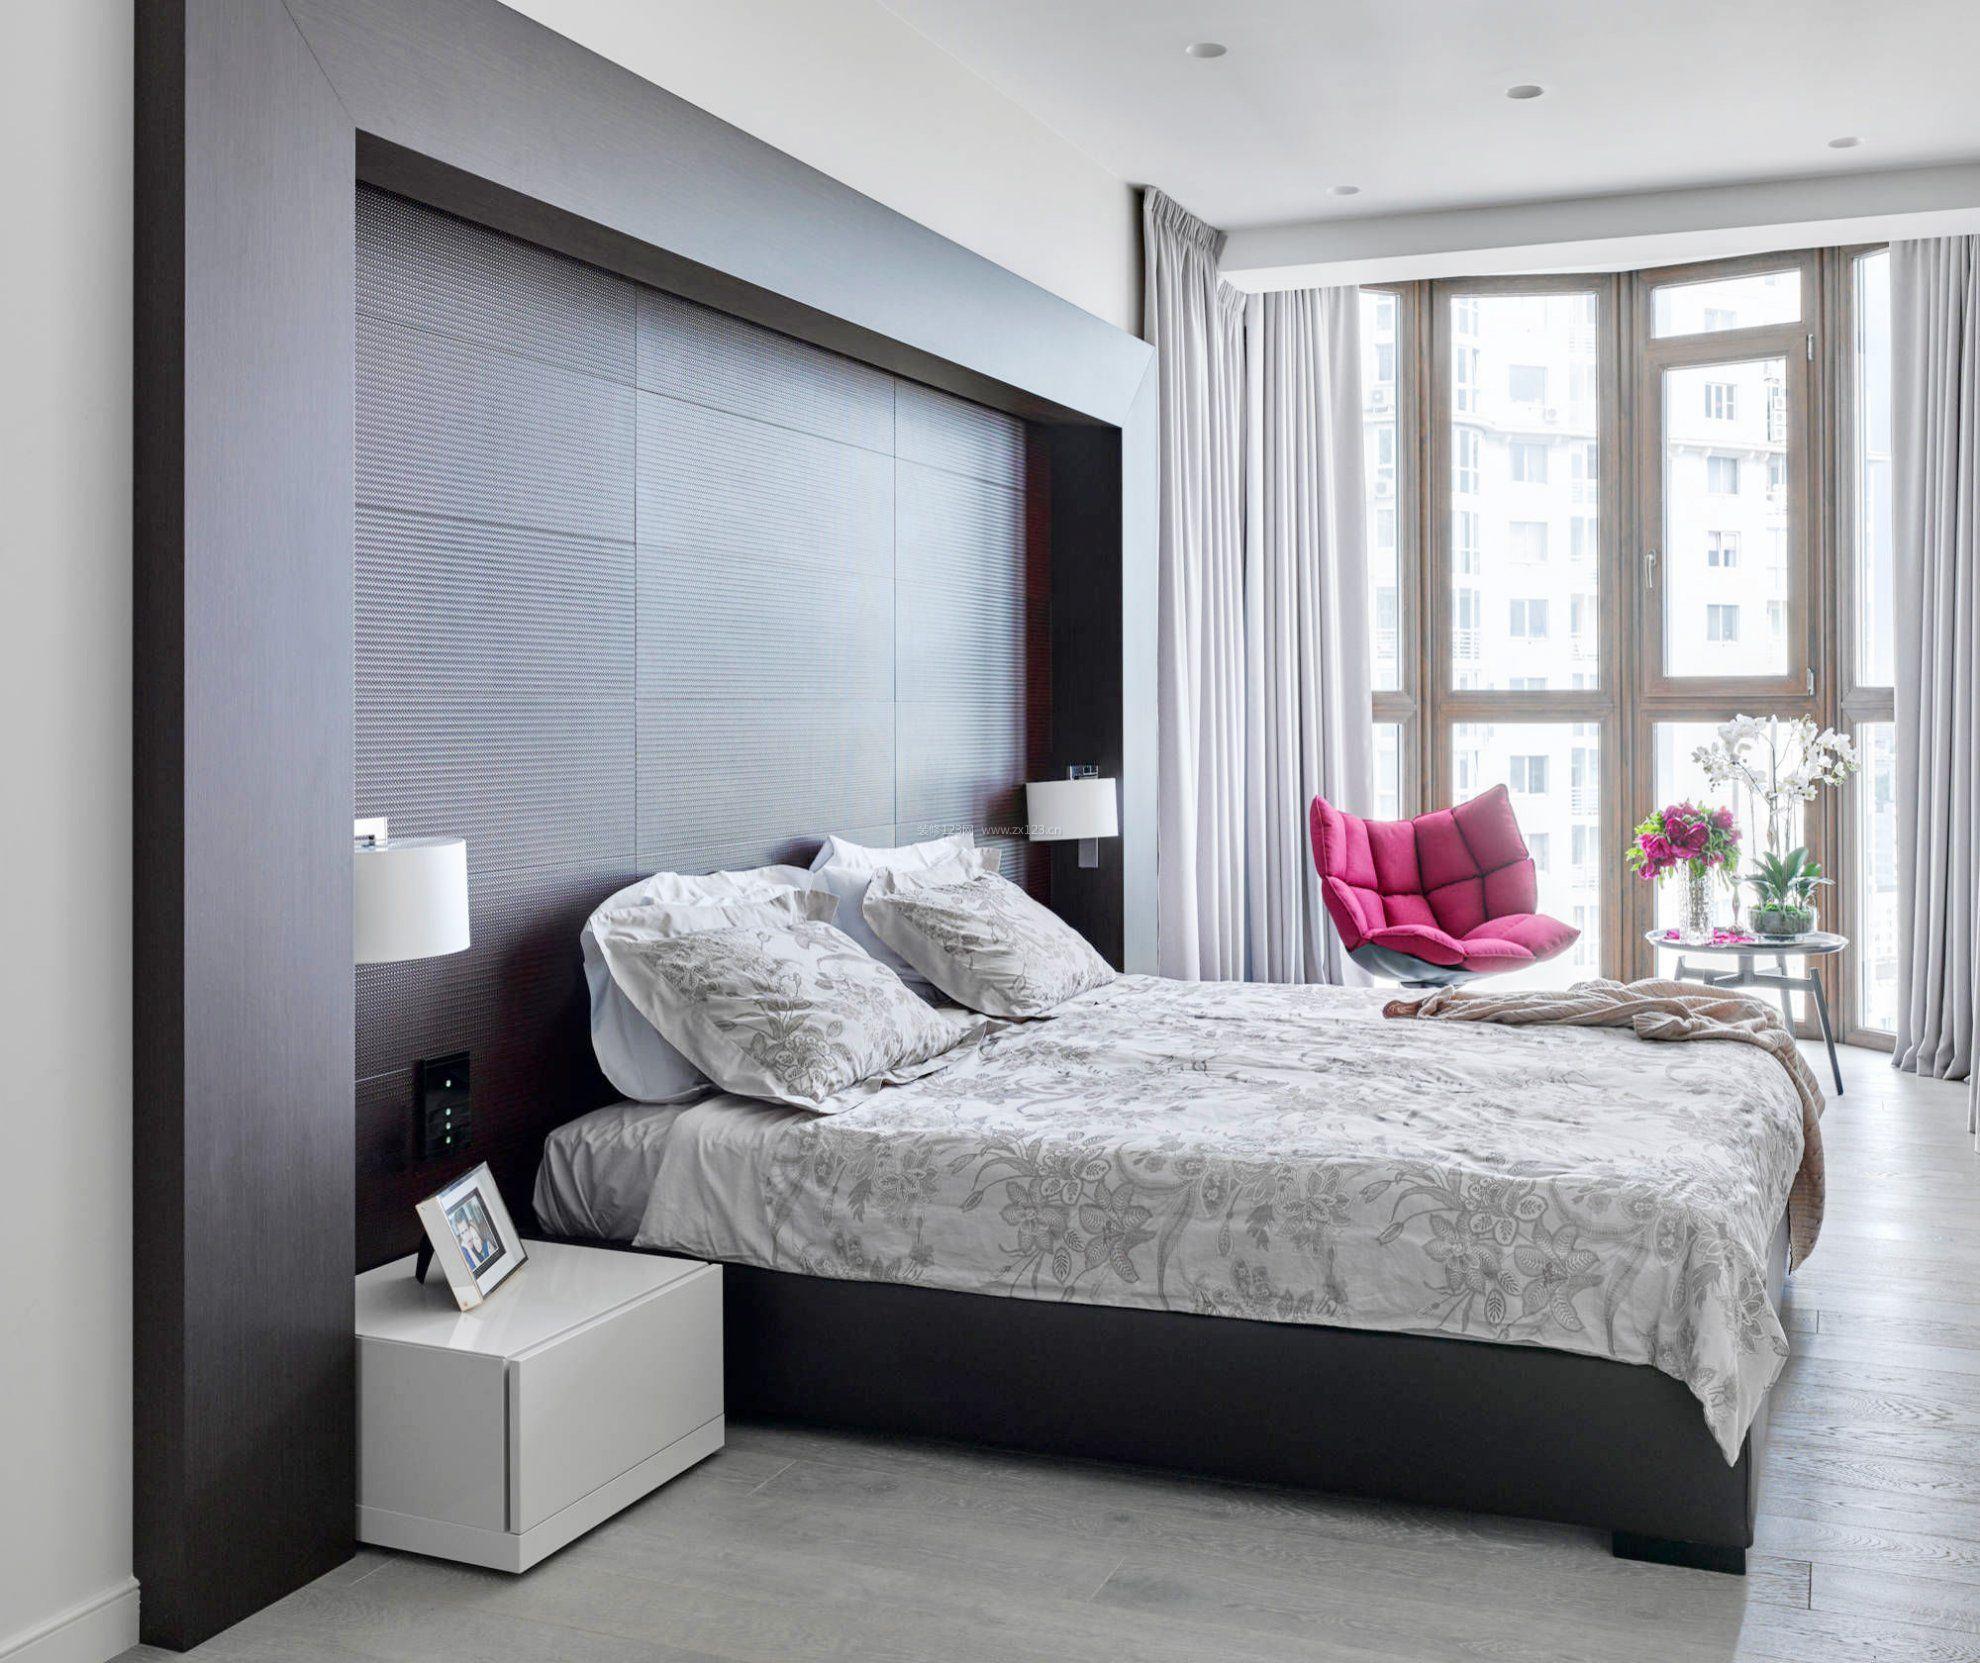 背景墙 床 房间 家居 家具 设计 卧室 卧室装修 现代 装修 1980_1663